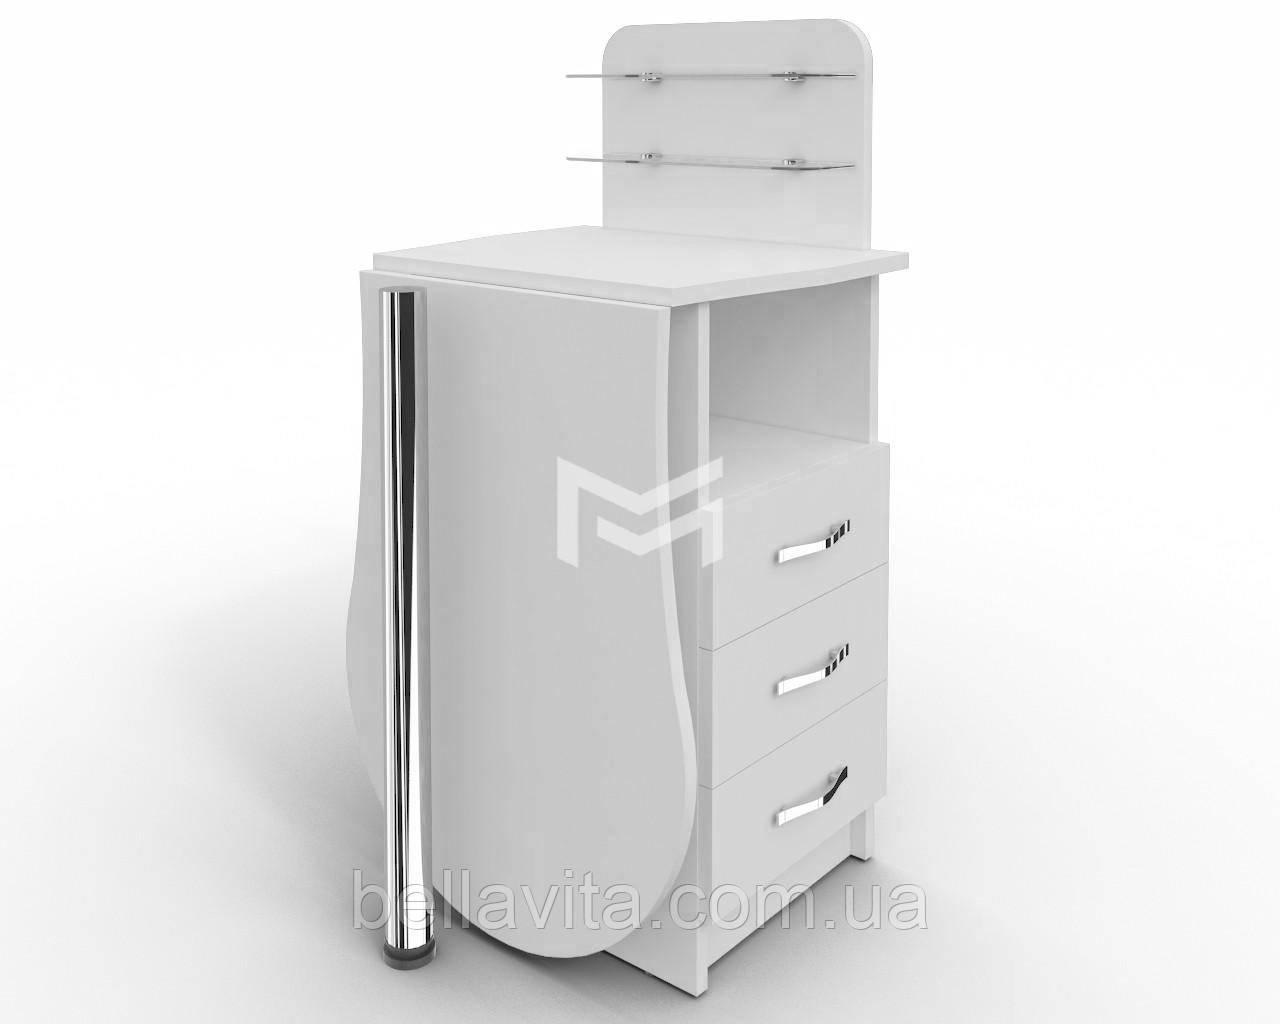 """Маникюрный стол-трансформер M101K """"Эстет компакт №1"""" со складывающейся столешницей"""